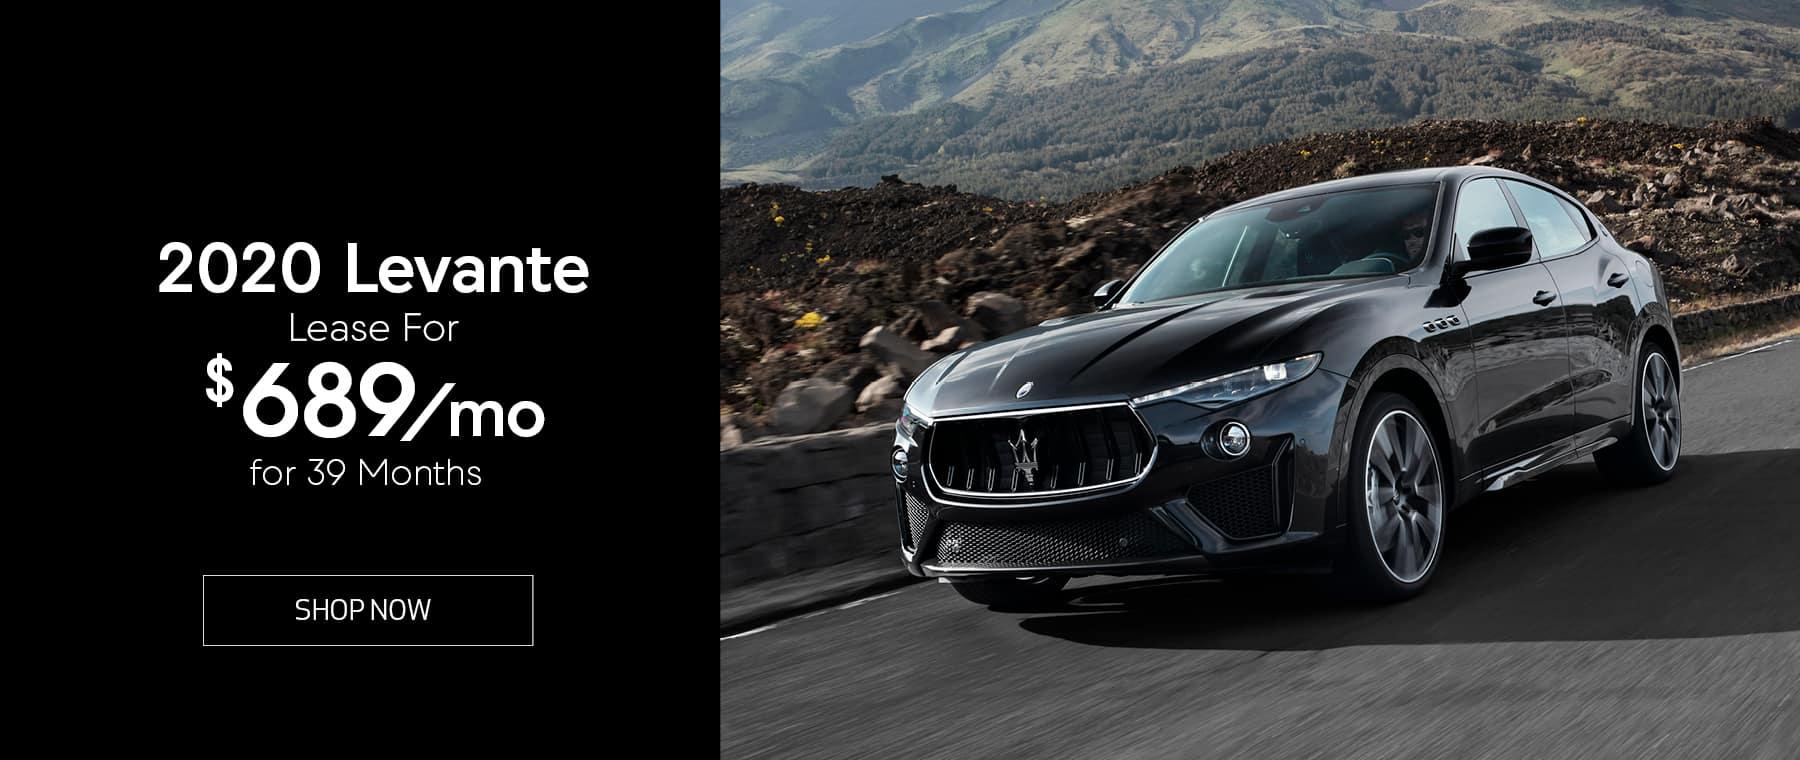 Black 2020 Maserati Levante